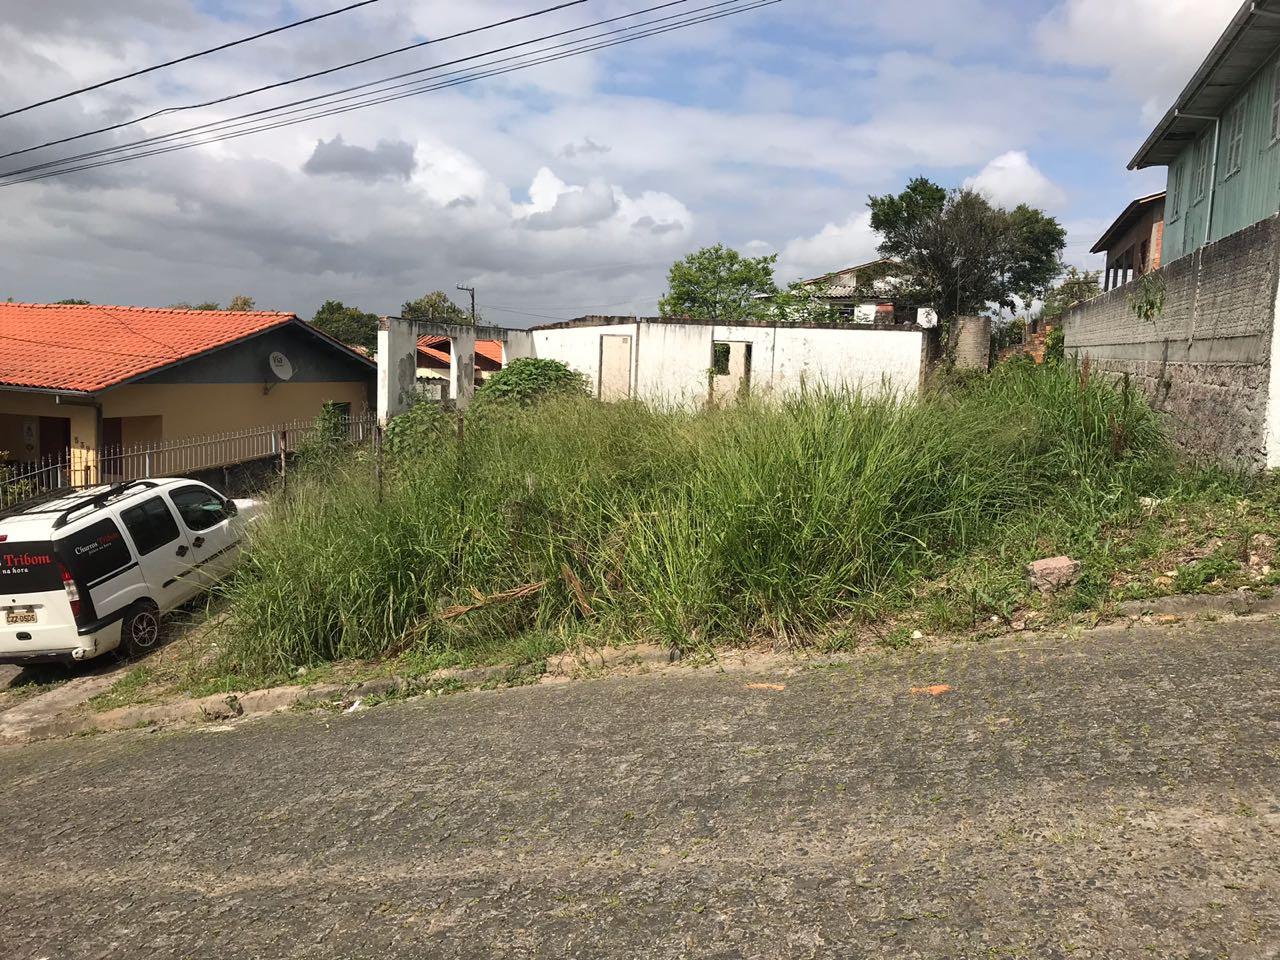 Leilão Simultâneo da Vara da Família da Comarca de Criciúma/SC.